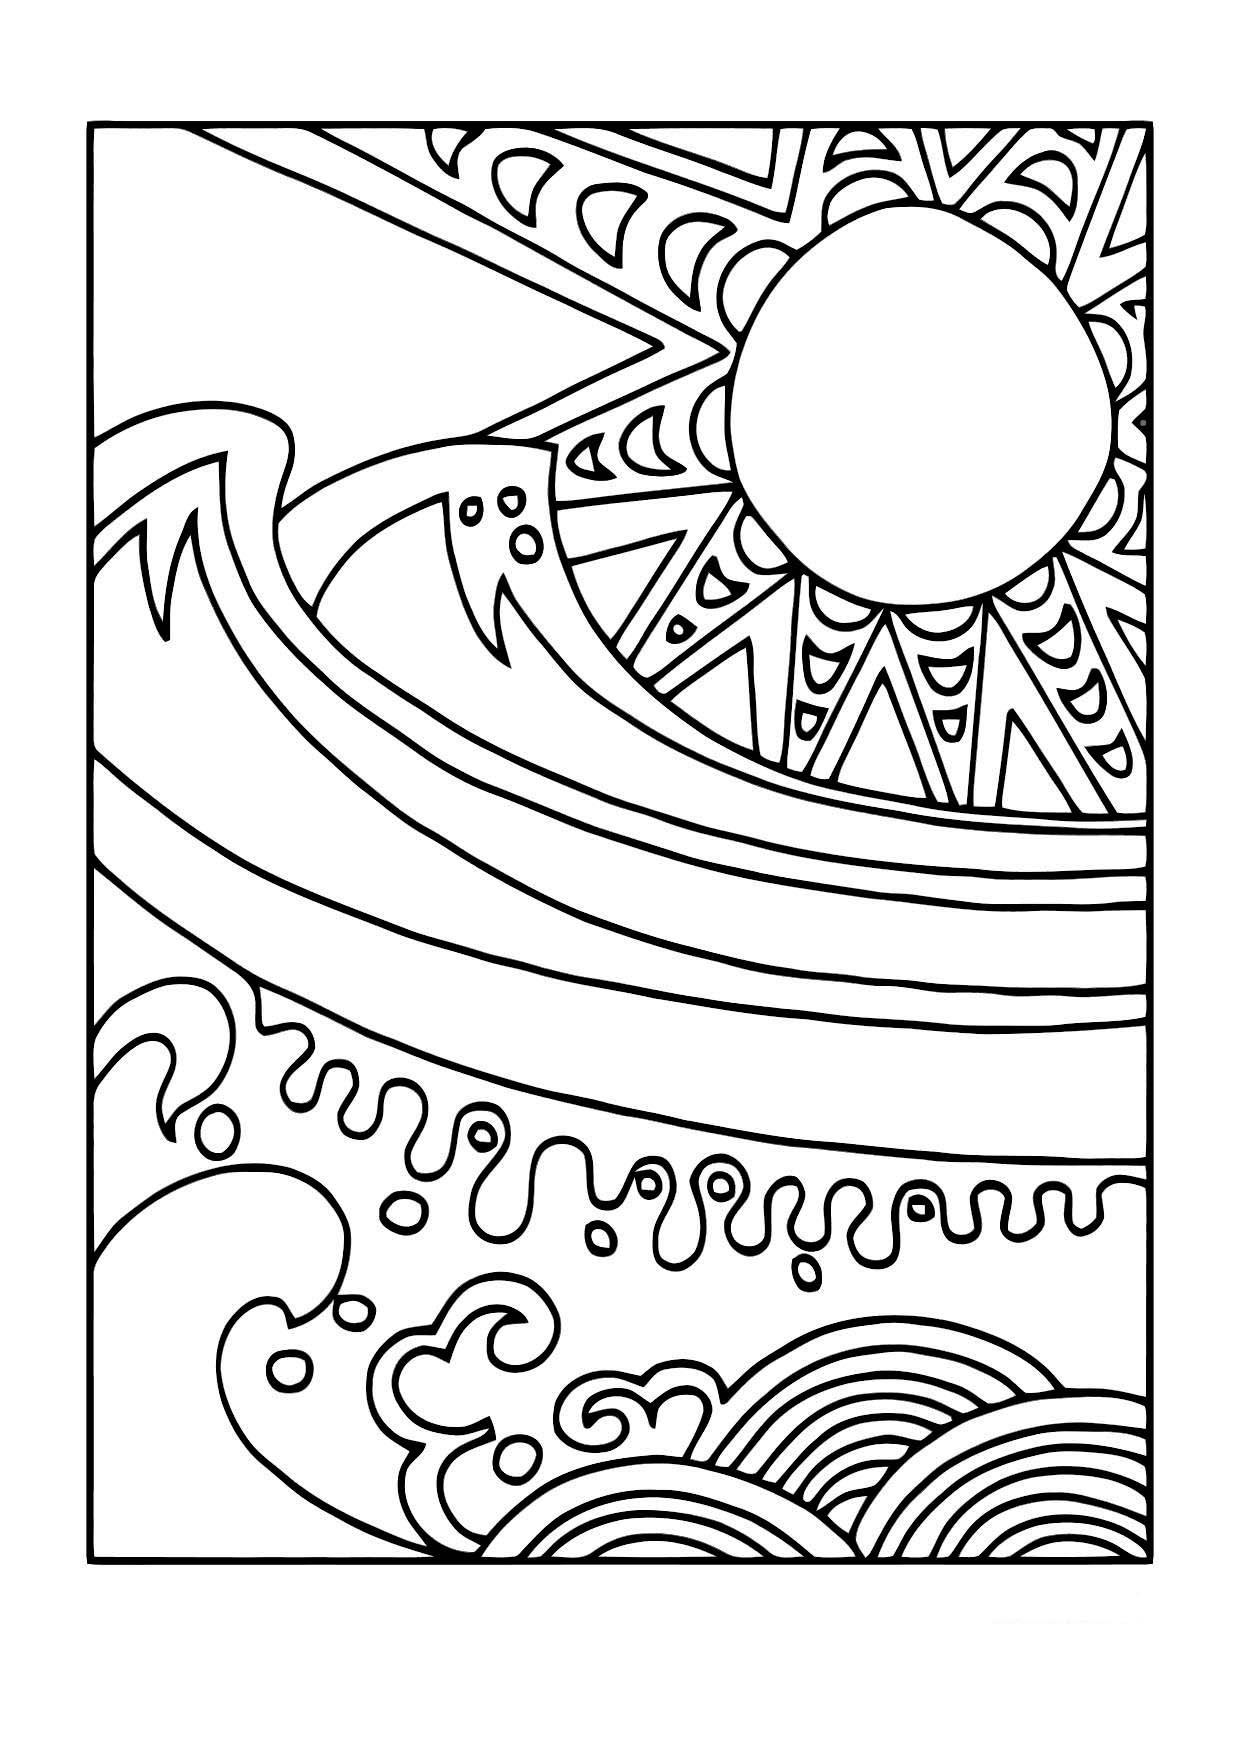 Disegno da colorare sole e mare cat 11440 for Sole disegno da colorare